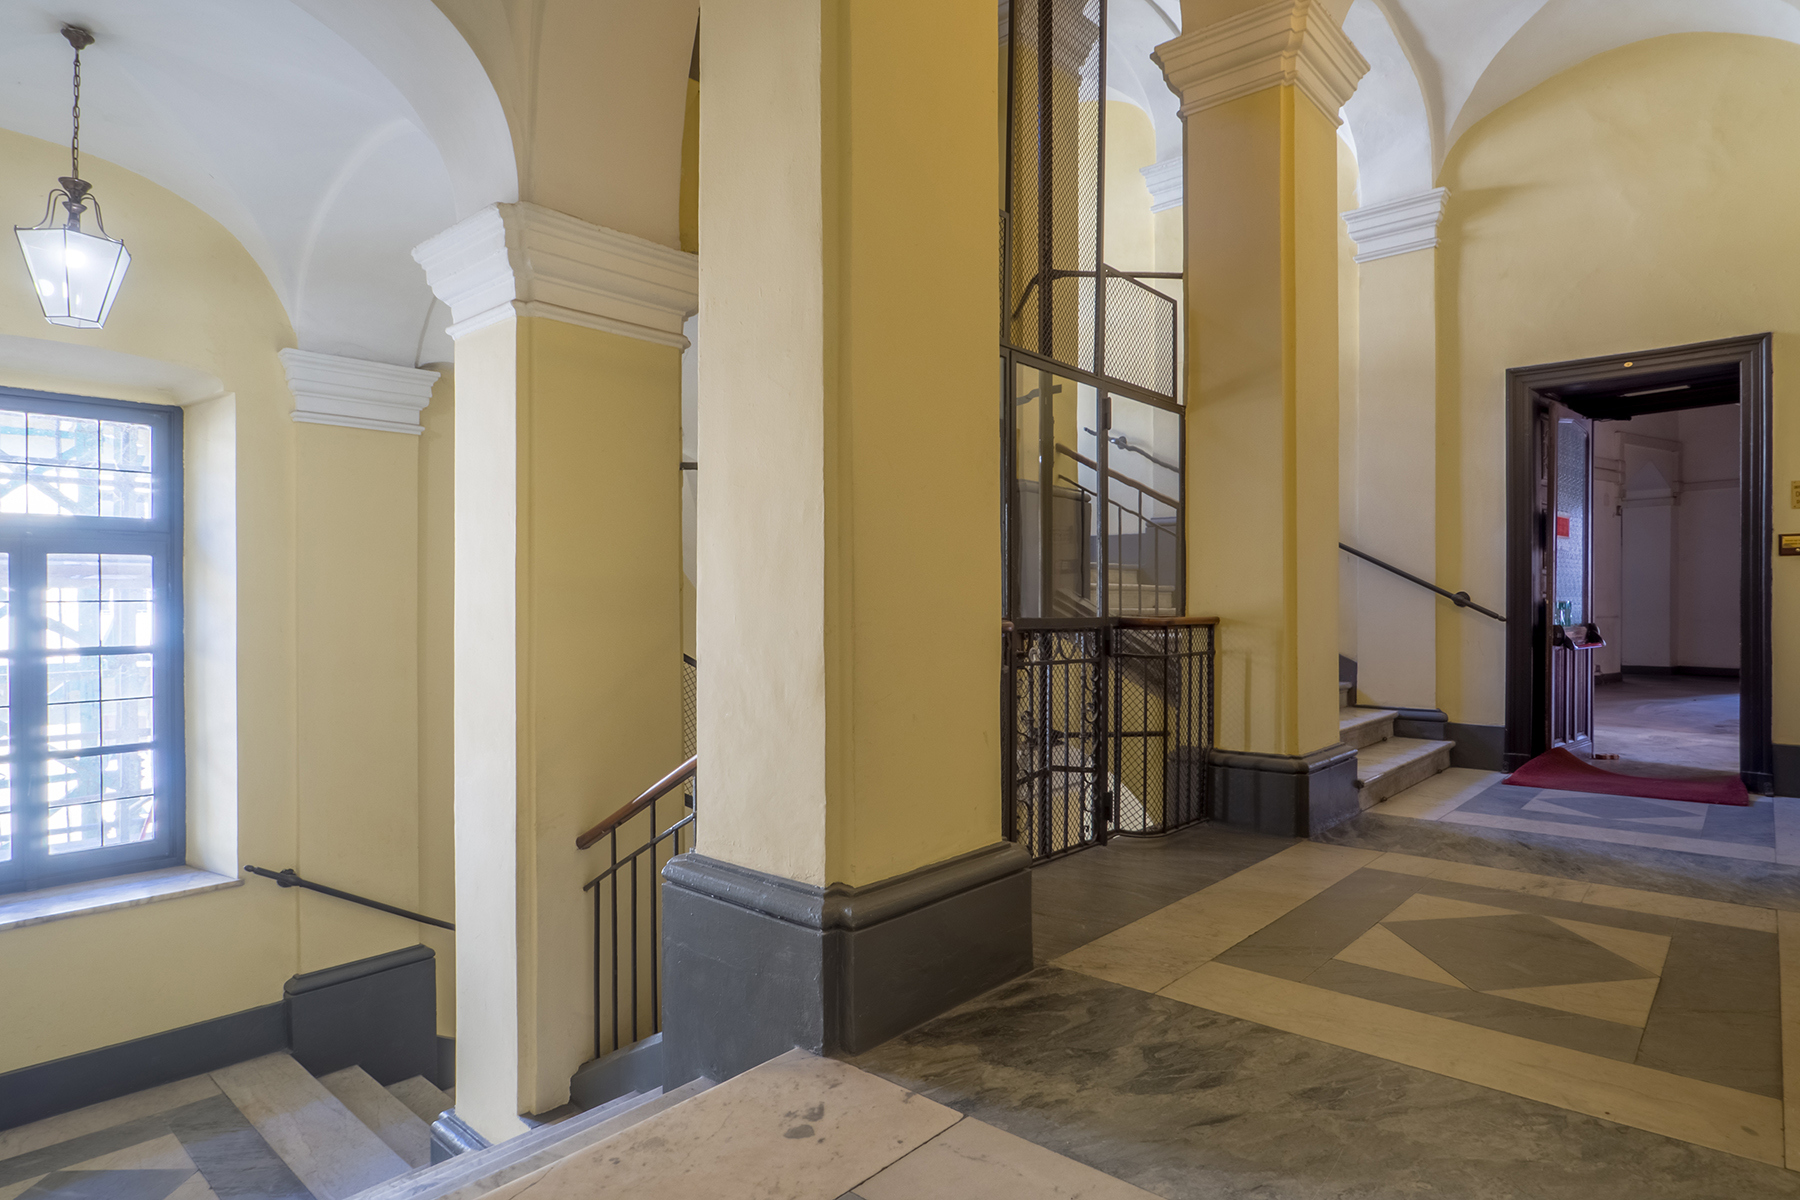 Ufficio-studio in Affitto a Torino: 5 locali, 676 mq - Foto 15